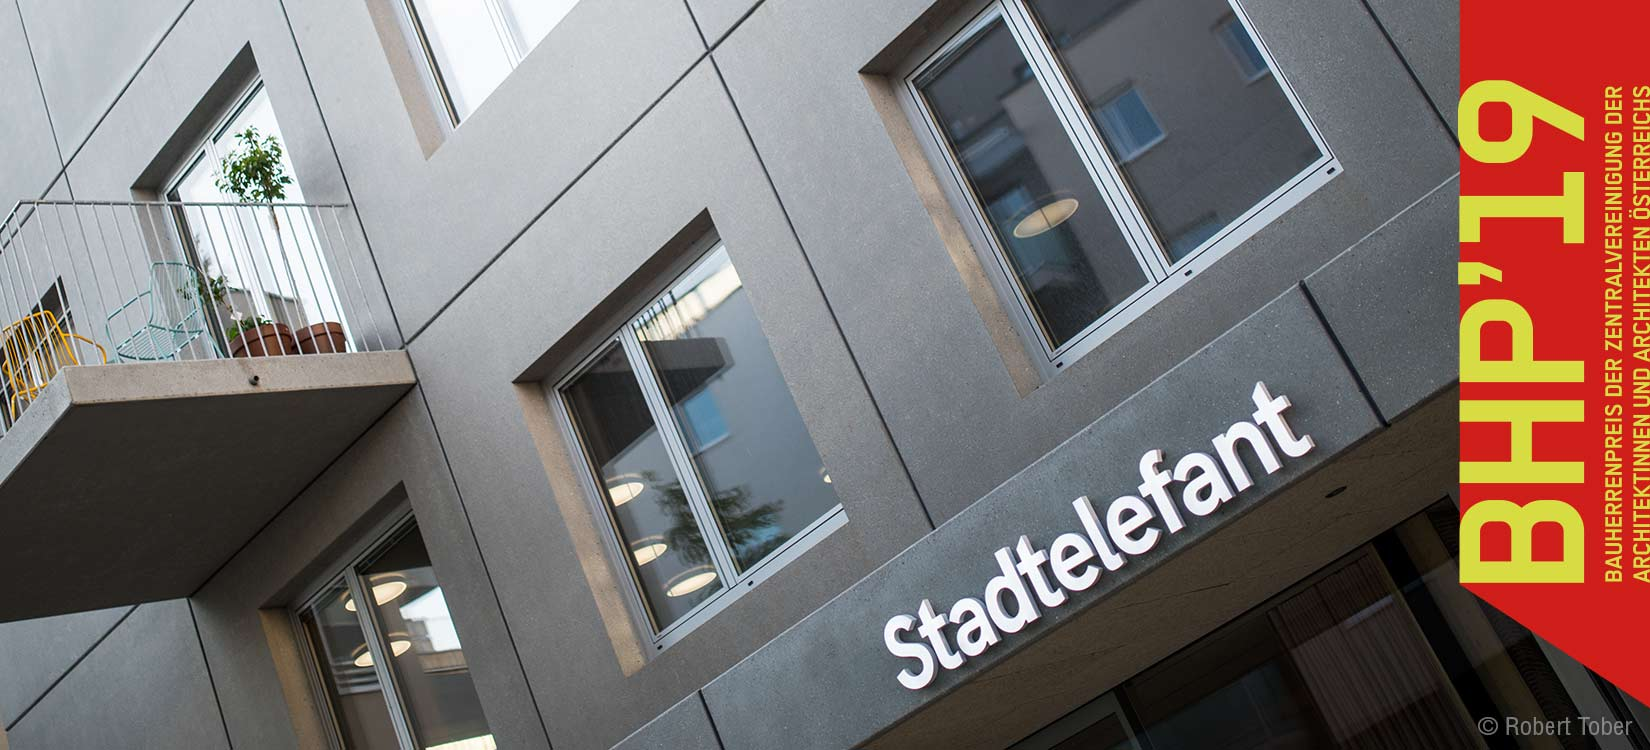 Stadtelefant in der Bloch-Bauer-Promenade erhält Bauherrenpreis der Zentralvereinigung Österreichs · © Robert Tober